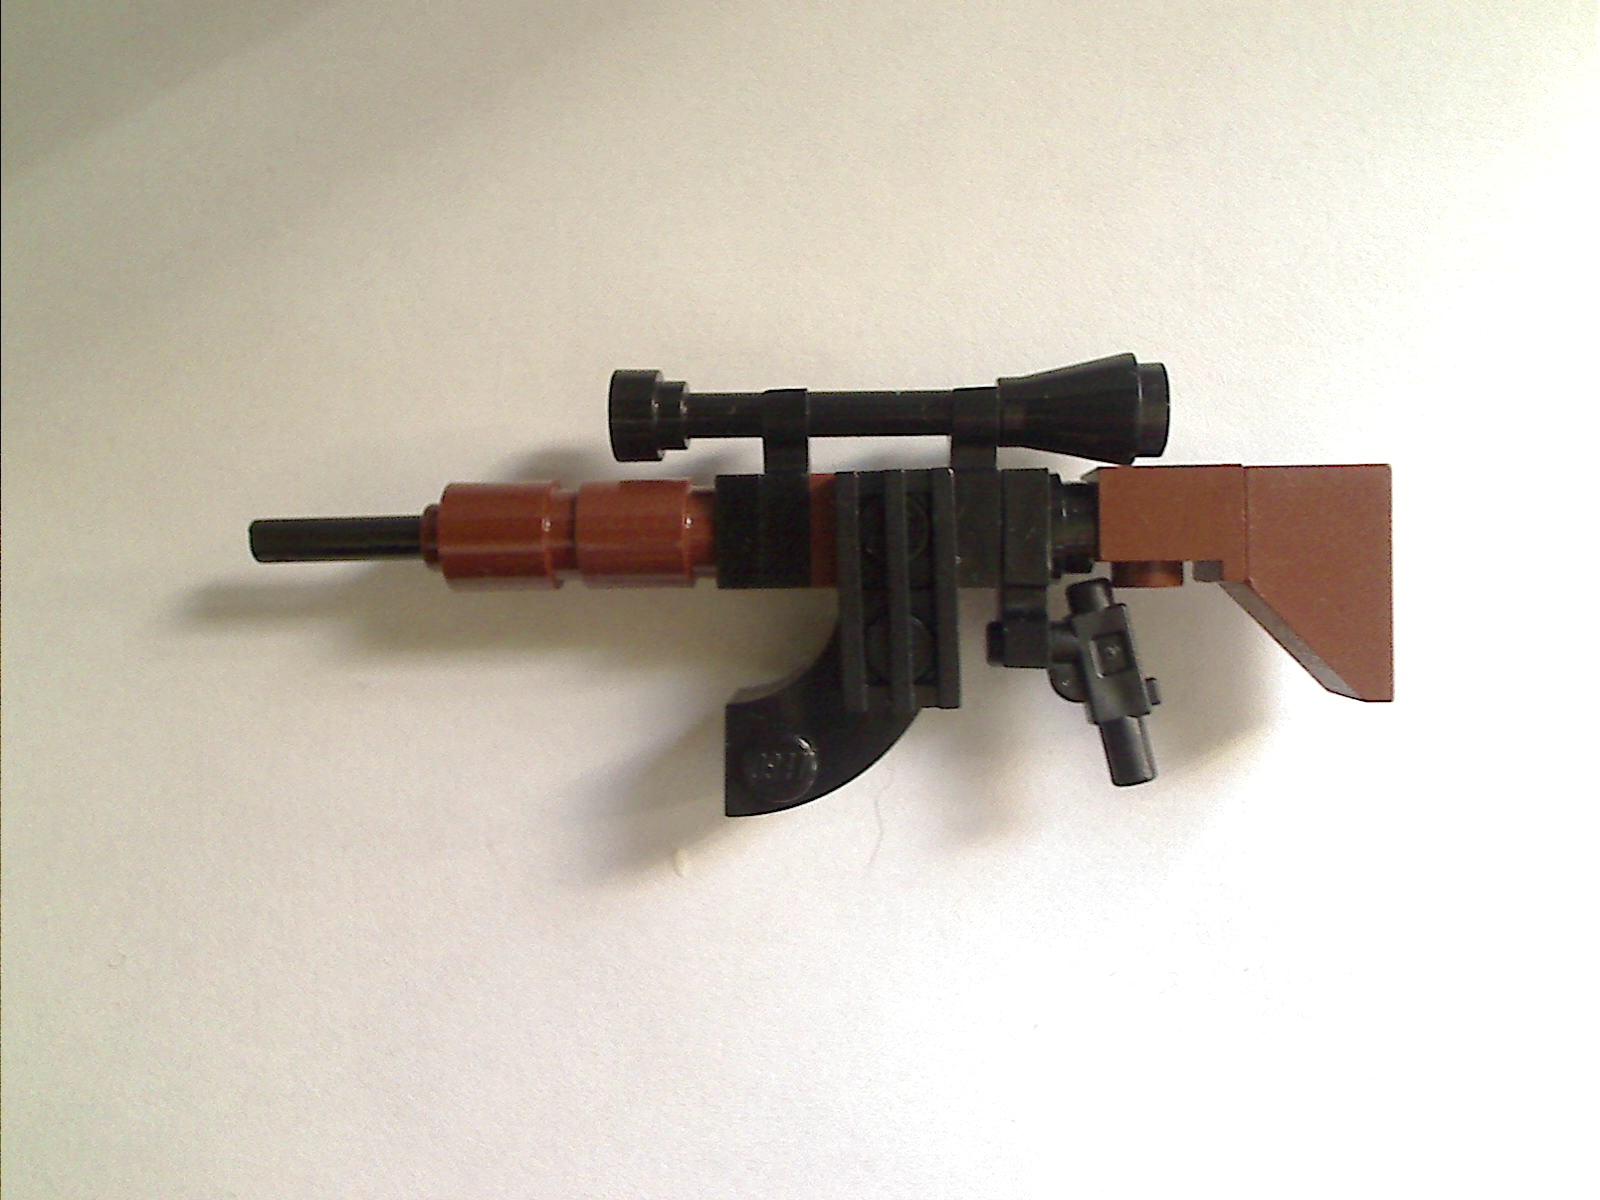 Mini Lego AK-47